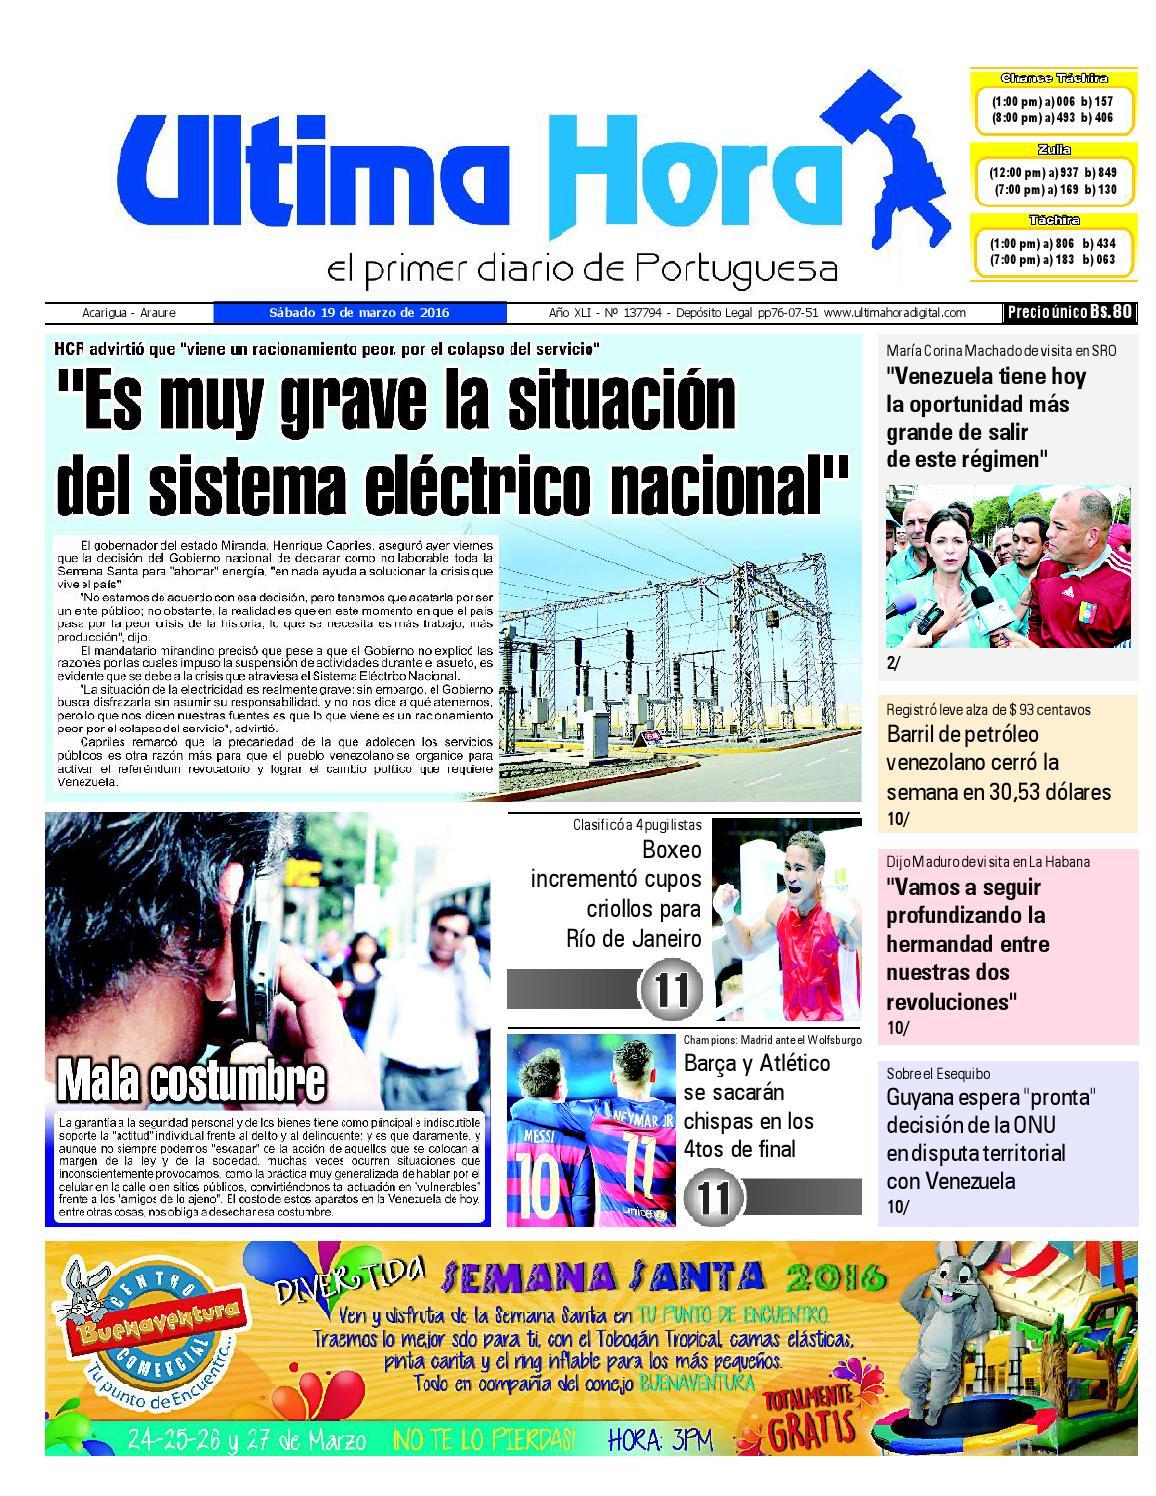 Edición 19 03 2016 by Ultima Hora - El primer diario de Portuguesa - issuu 1010dc0b71e0f